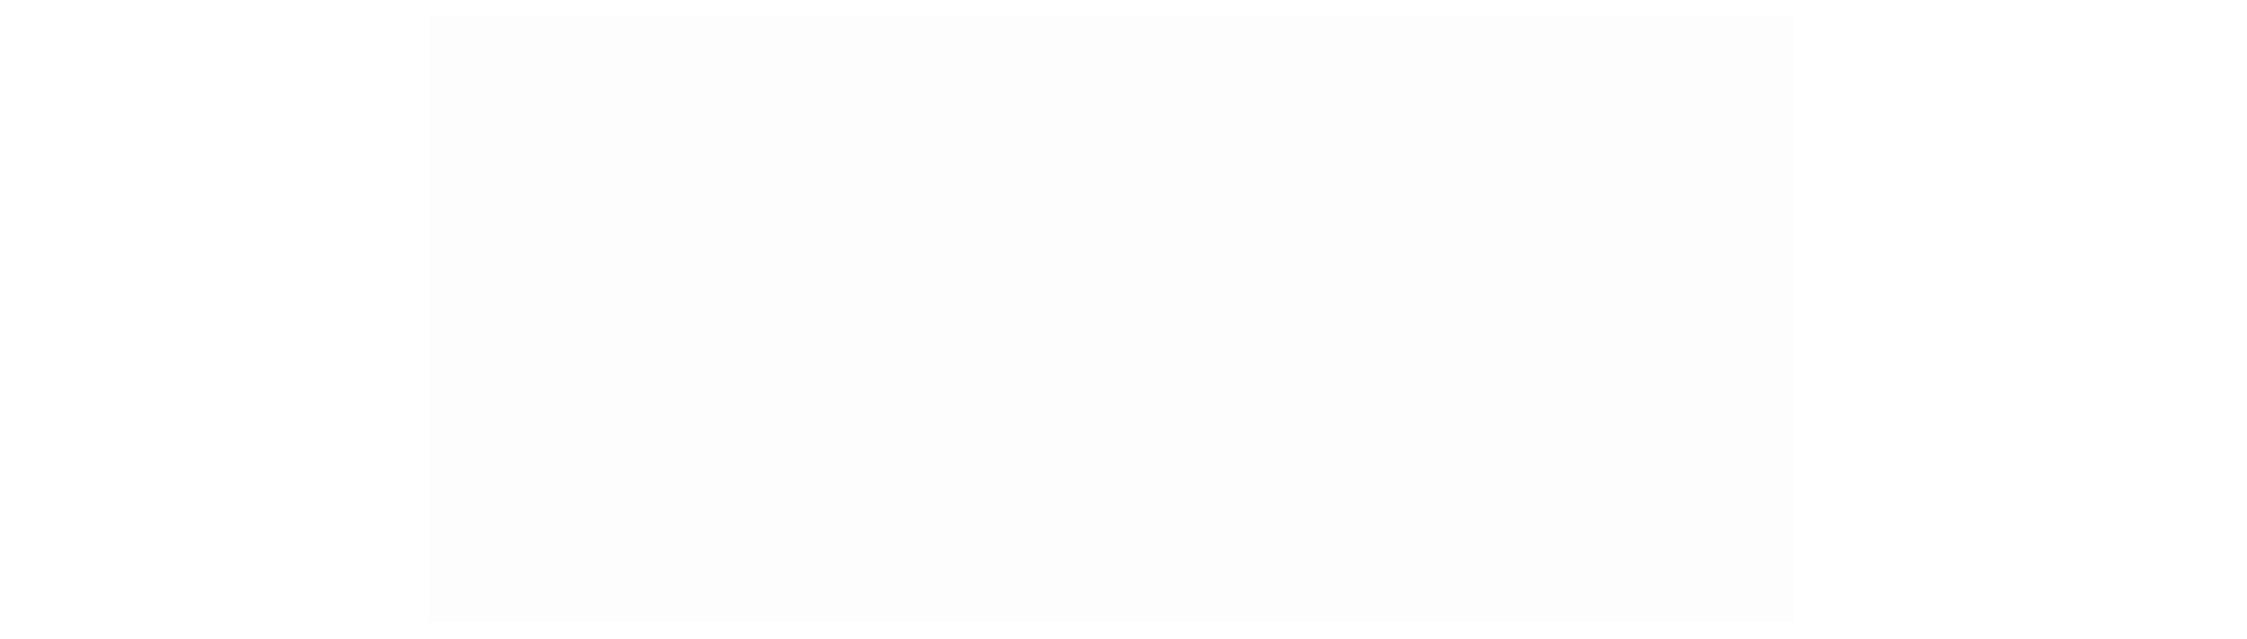 Abstract Logo, Automobile, Conceptual